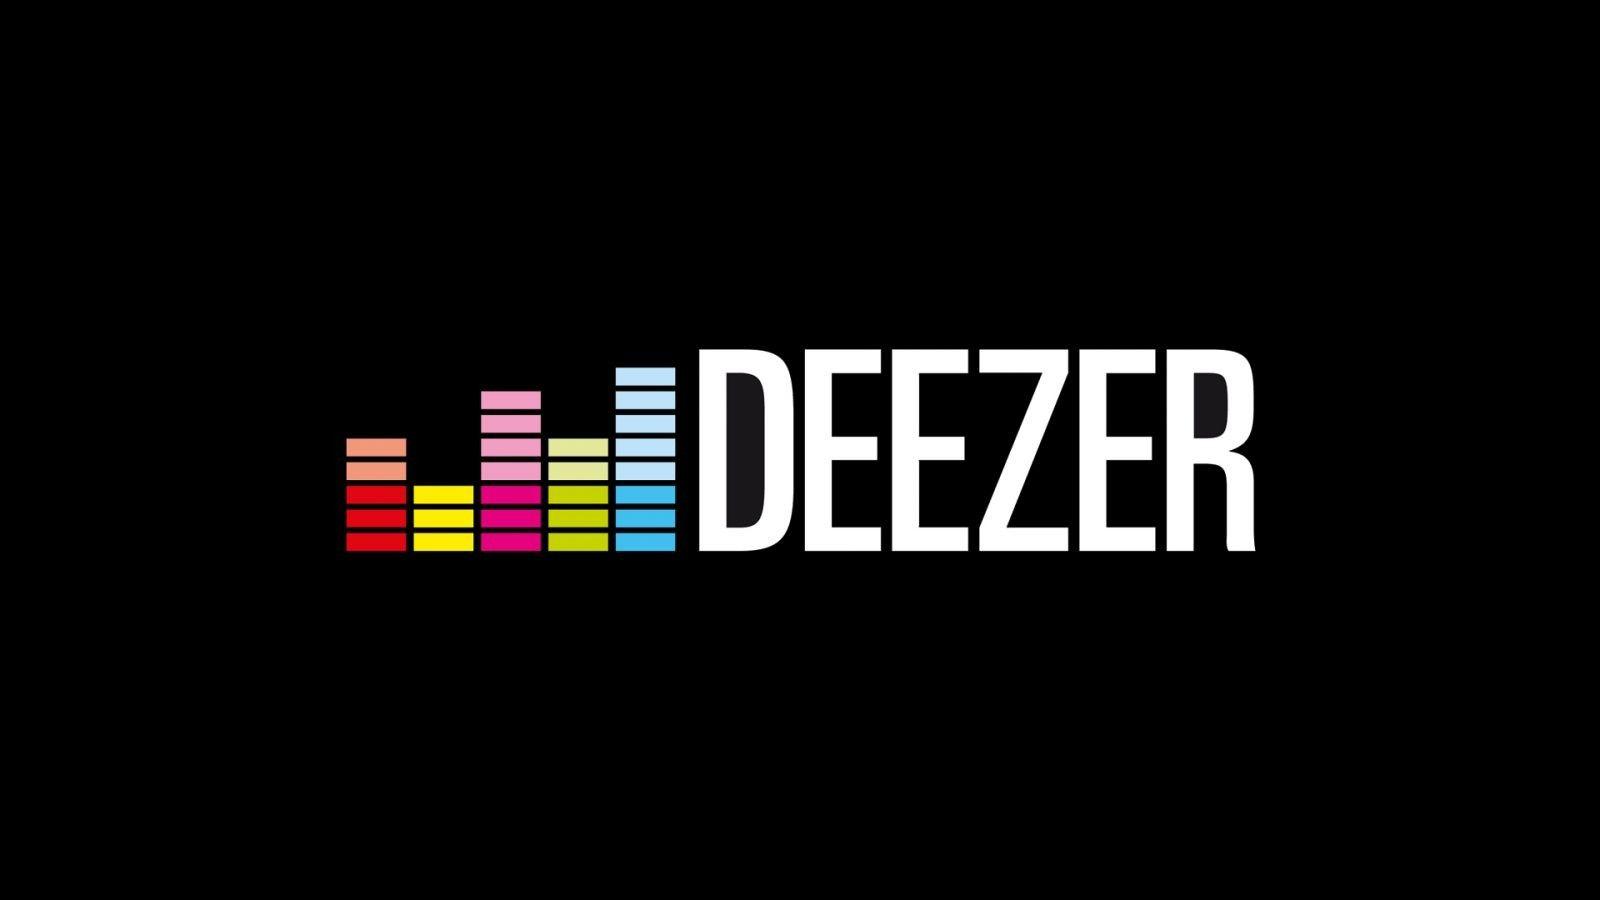 Jak zainstalować aplikację Deezer ++ na iOS 10 bez Jailbreak?